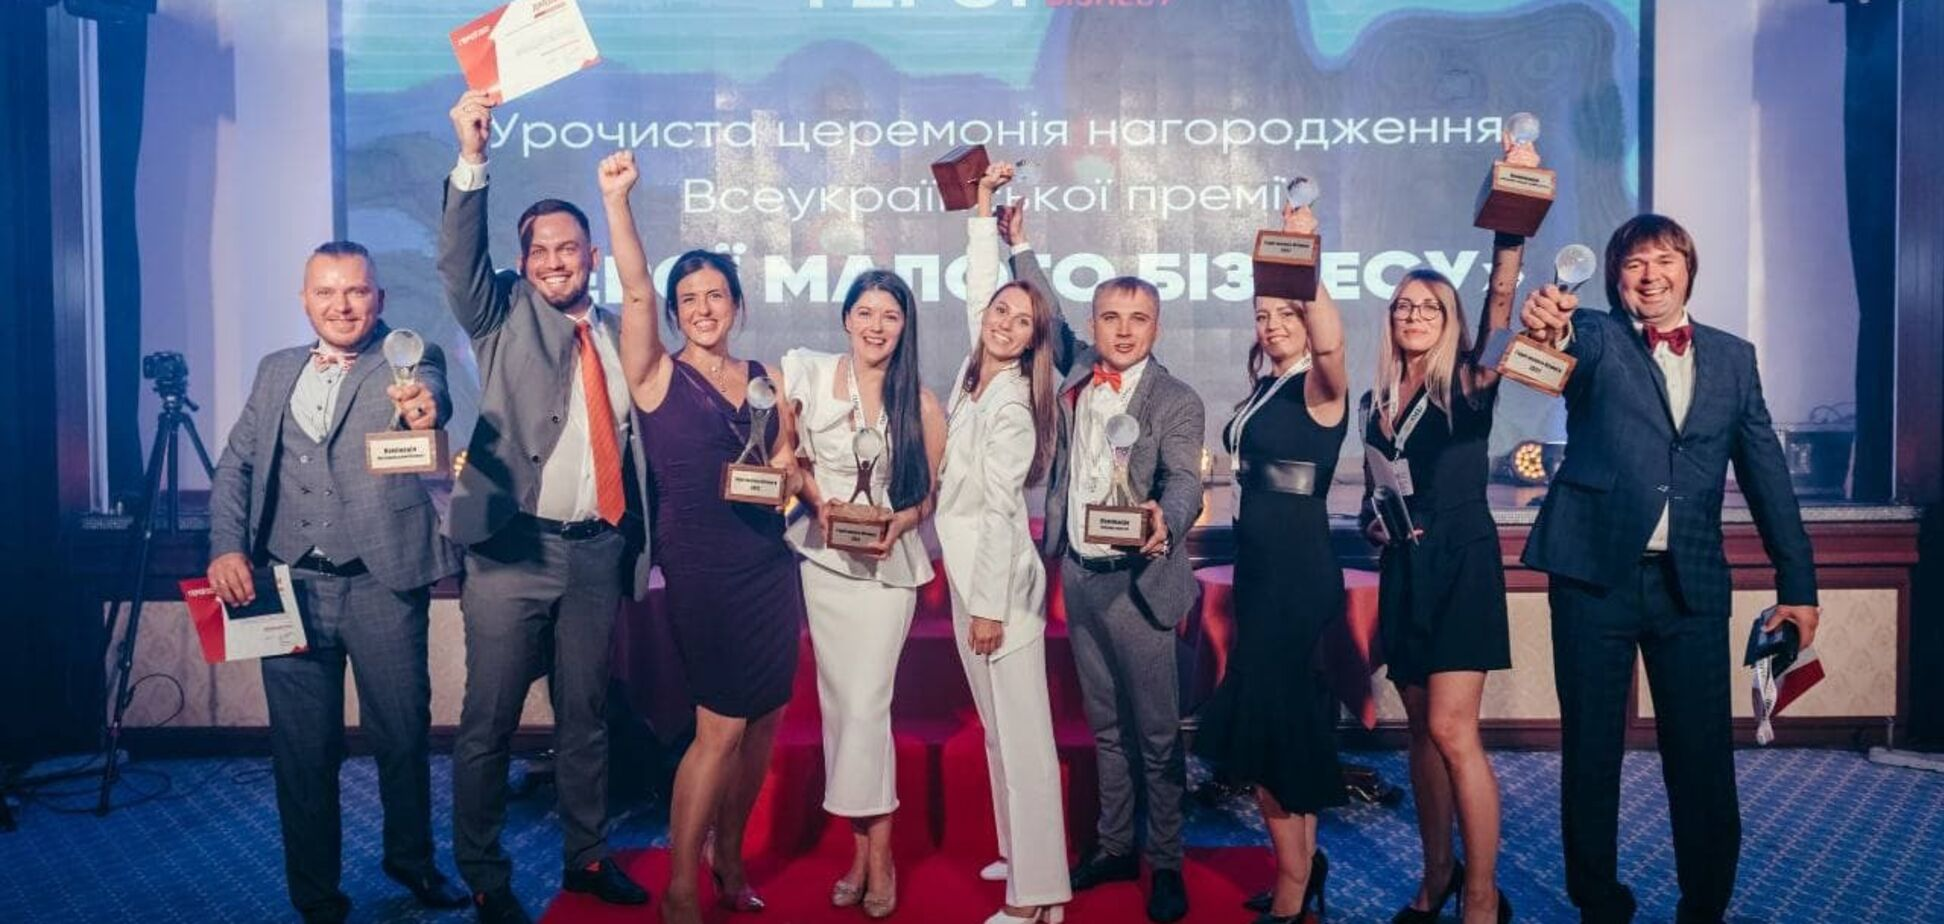 В Украине провели церемонию награждения премии 'Герои малого бизнеса': названы имена победителей